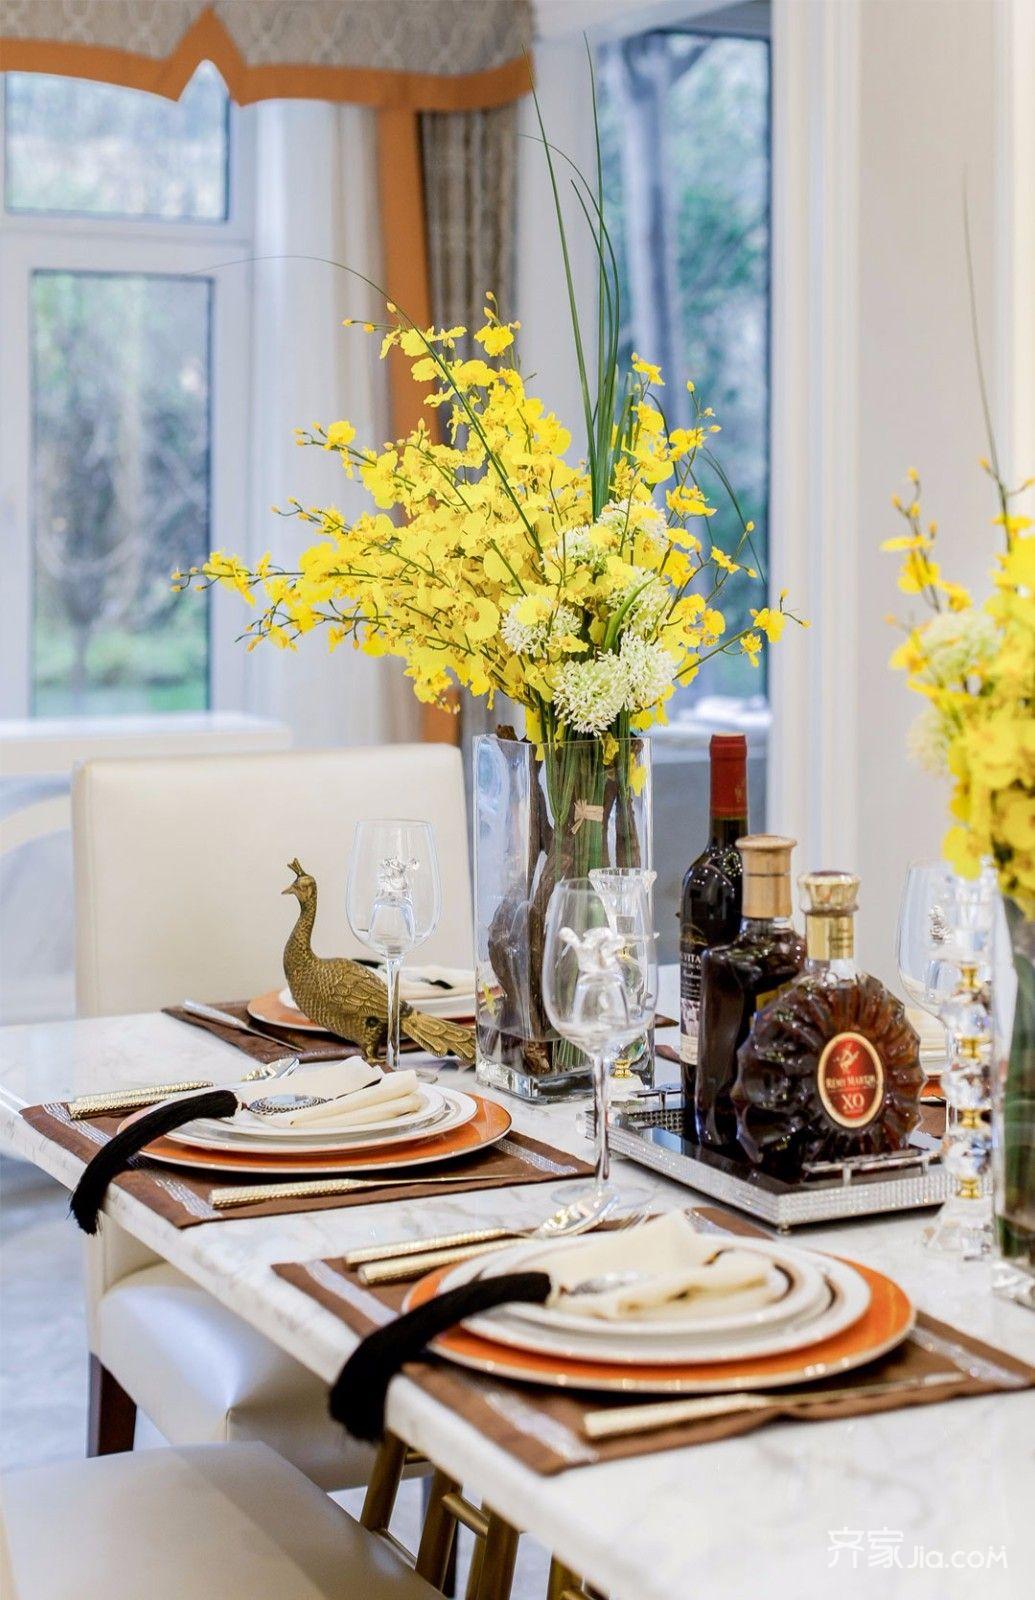 时尚轻奢风装修餐桌布置图